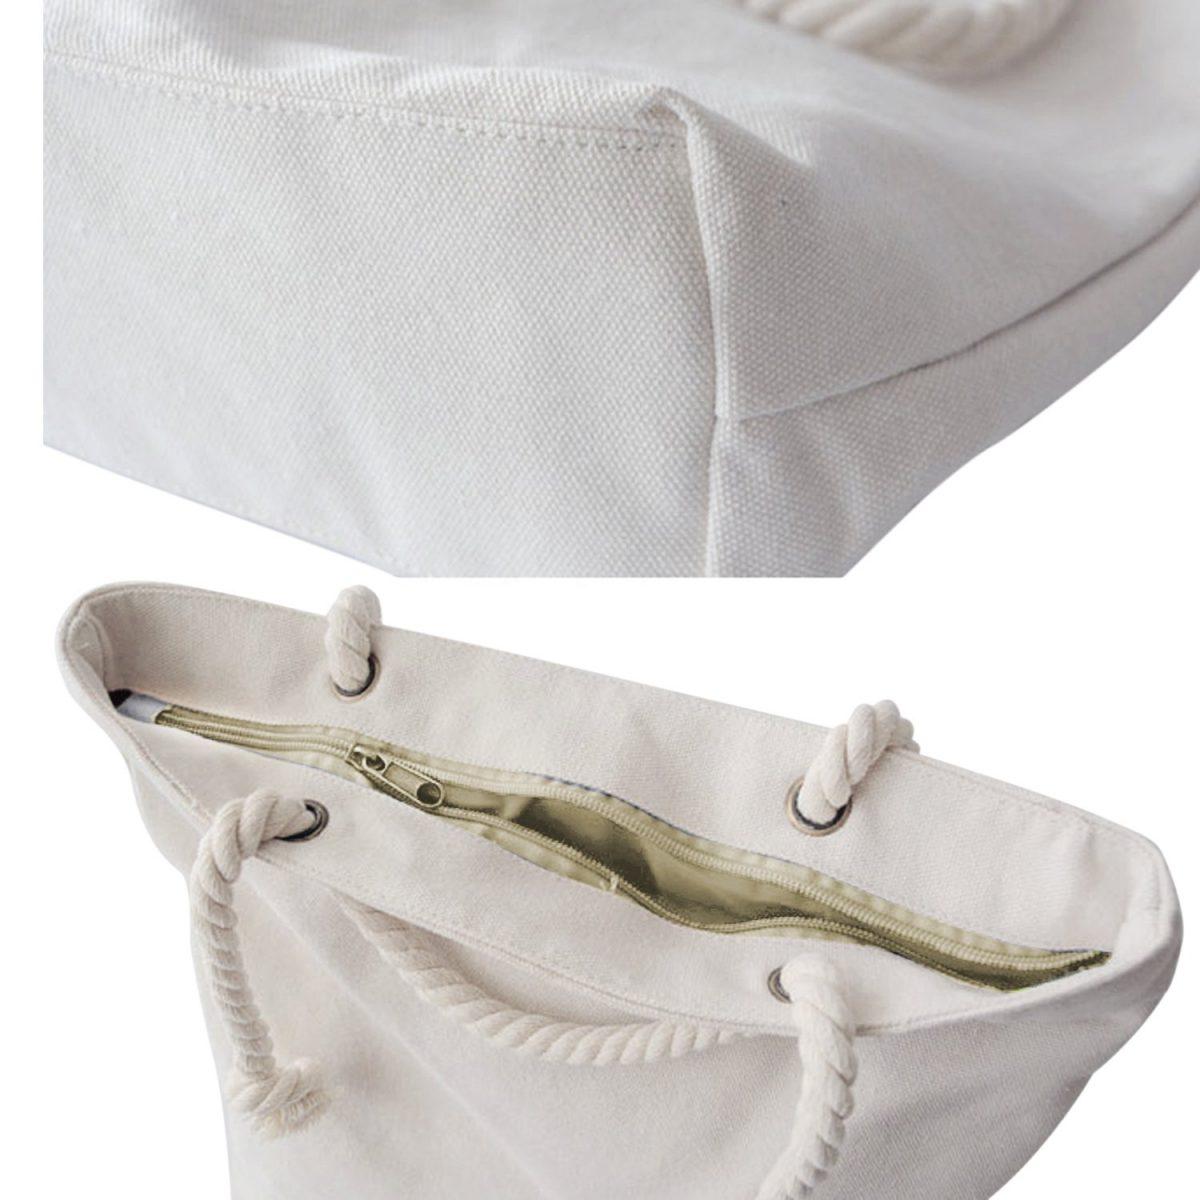 Beyaz Zeminde Vizon Yapraklar Dijital Baskılı Fermuarlı Kumaş Çanta Realhomes